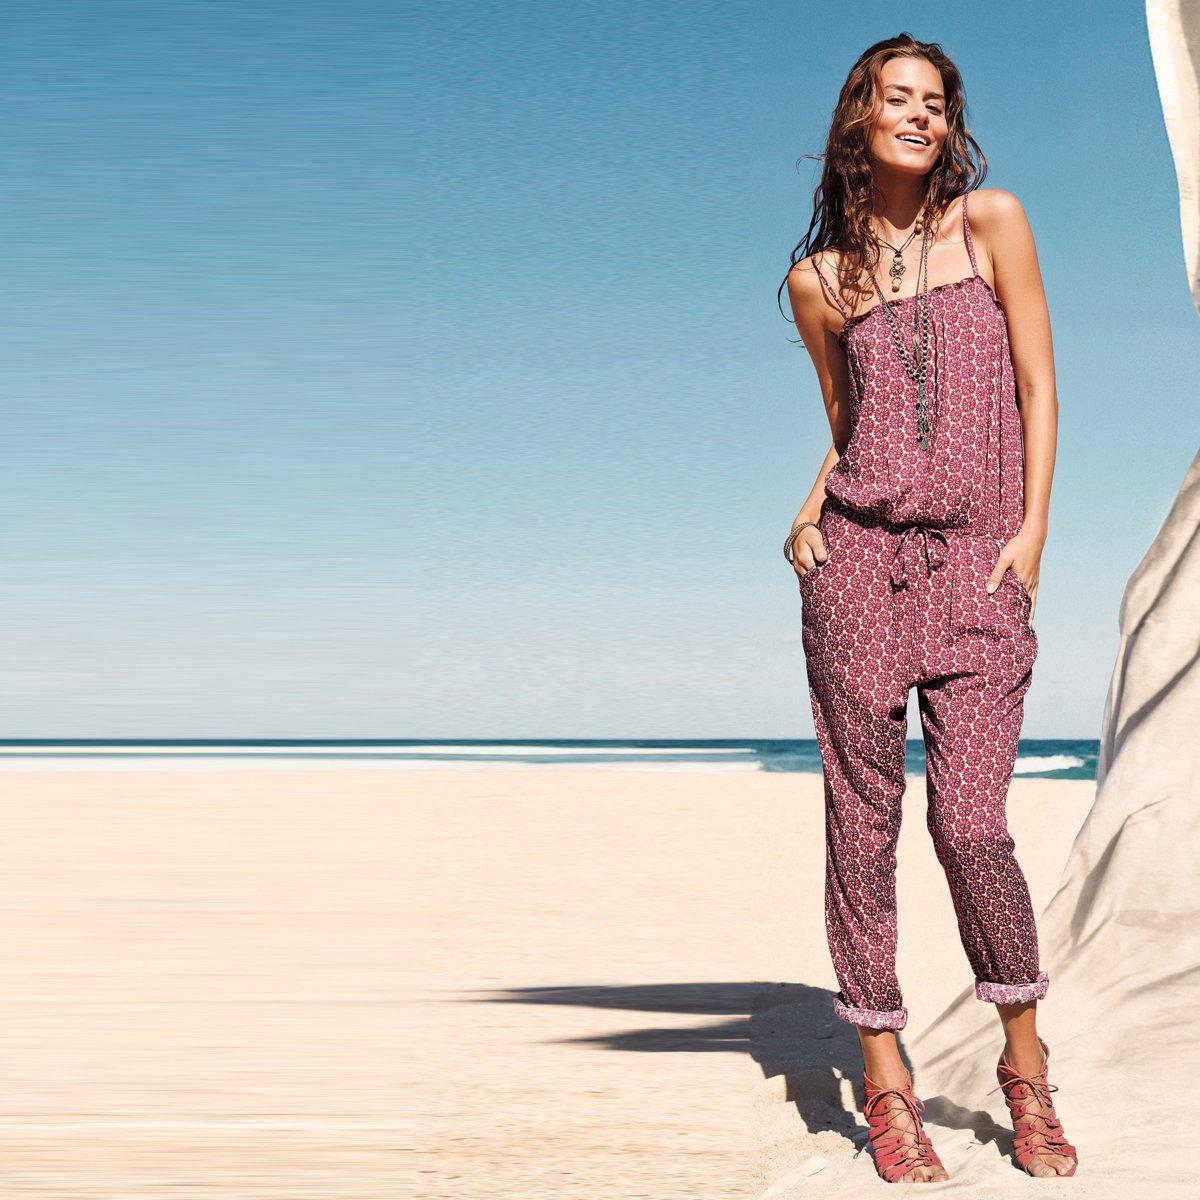 Модный портал. Летние женские костюмы - Все о моде 961